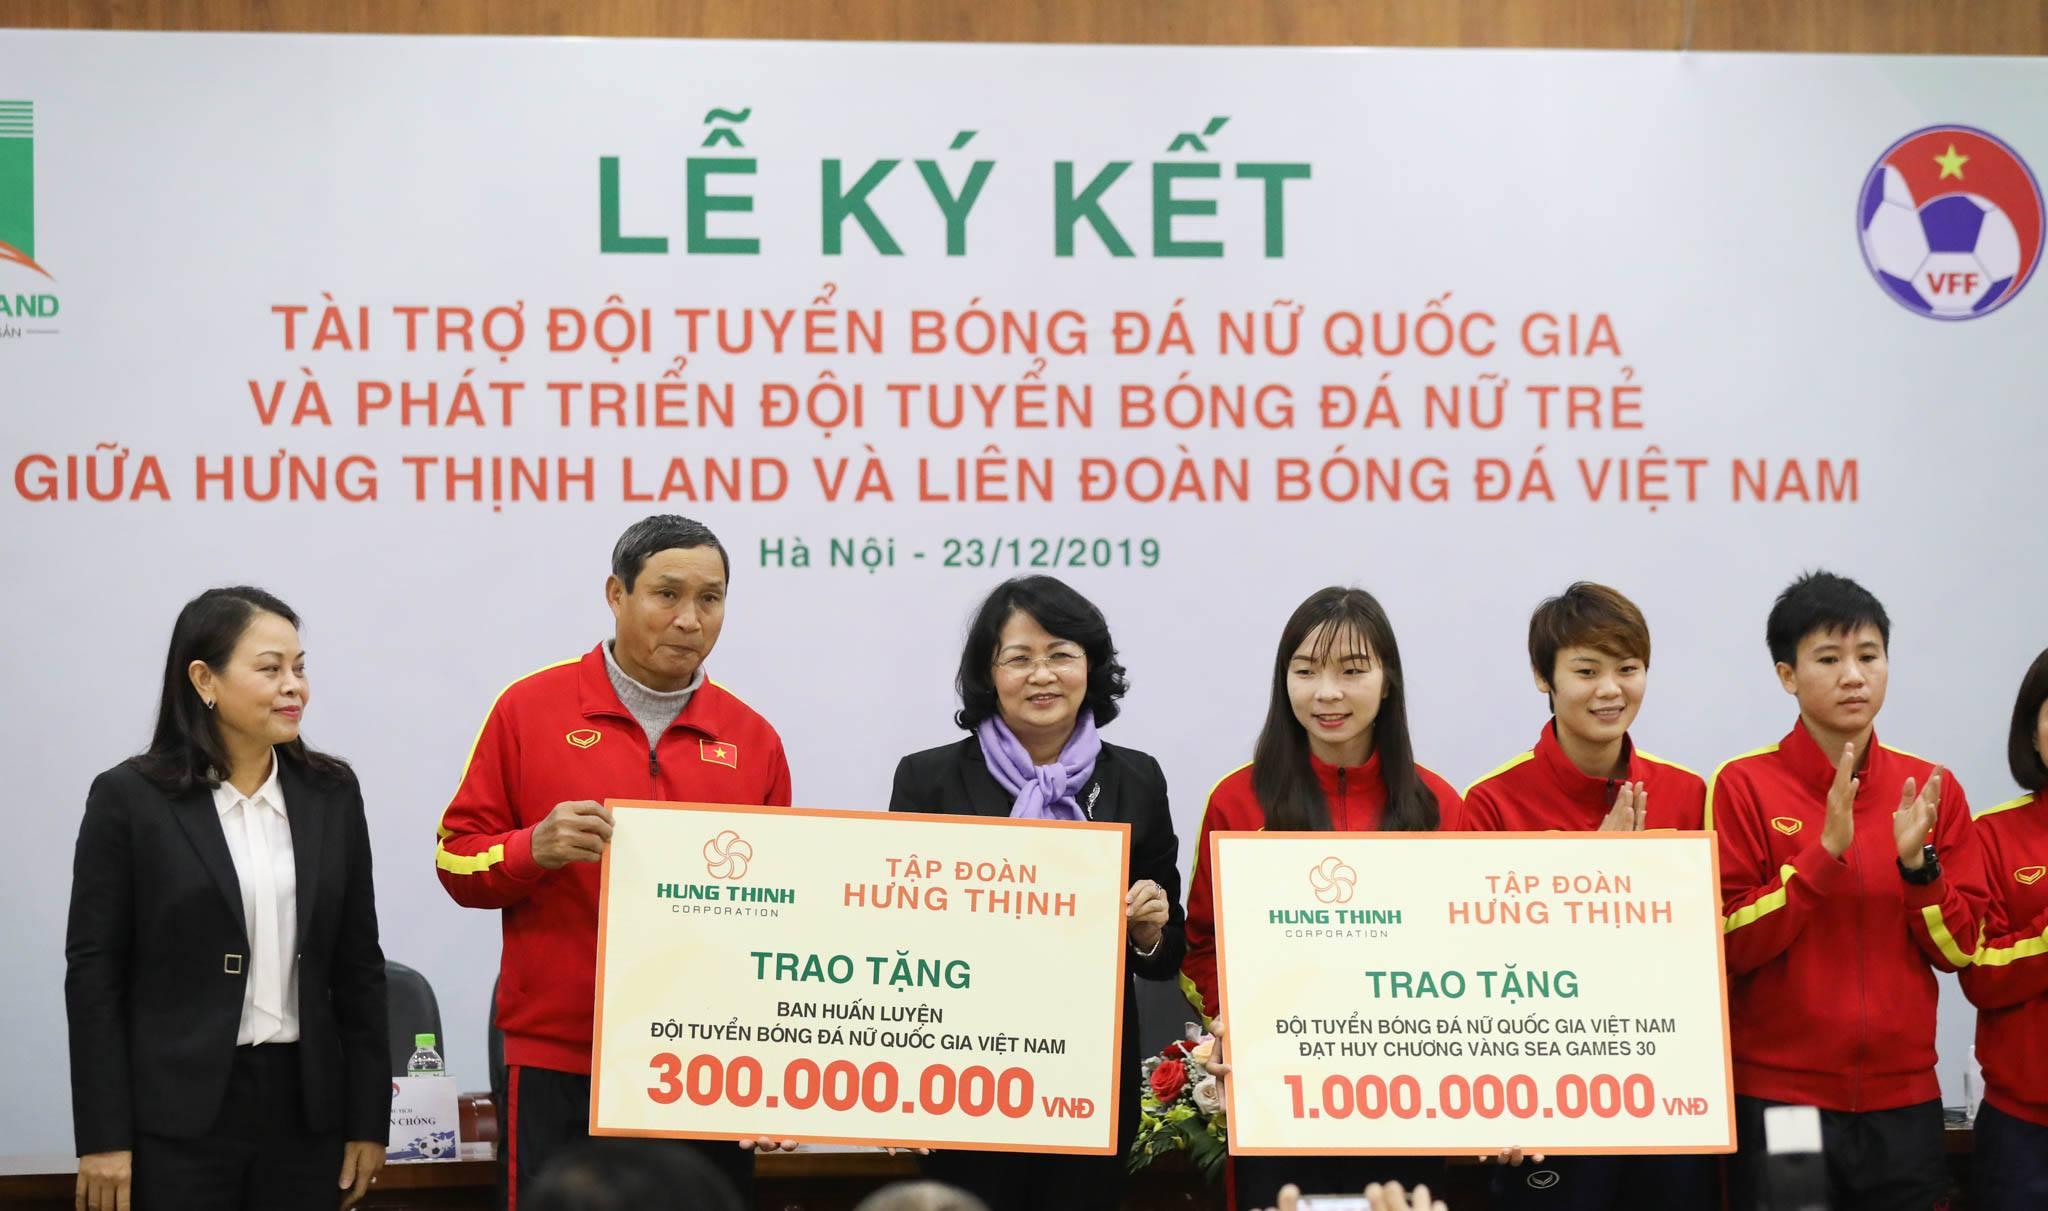 Hưng Thịnh Land tài trợ 100 tỷ đồng cho Đội tuyển bóng đá nữ Quốc gia và Phát triển Đội tuyển nữ trẻ hướng đến World Cup - Ảnh 3